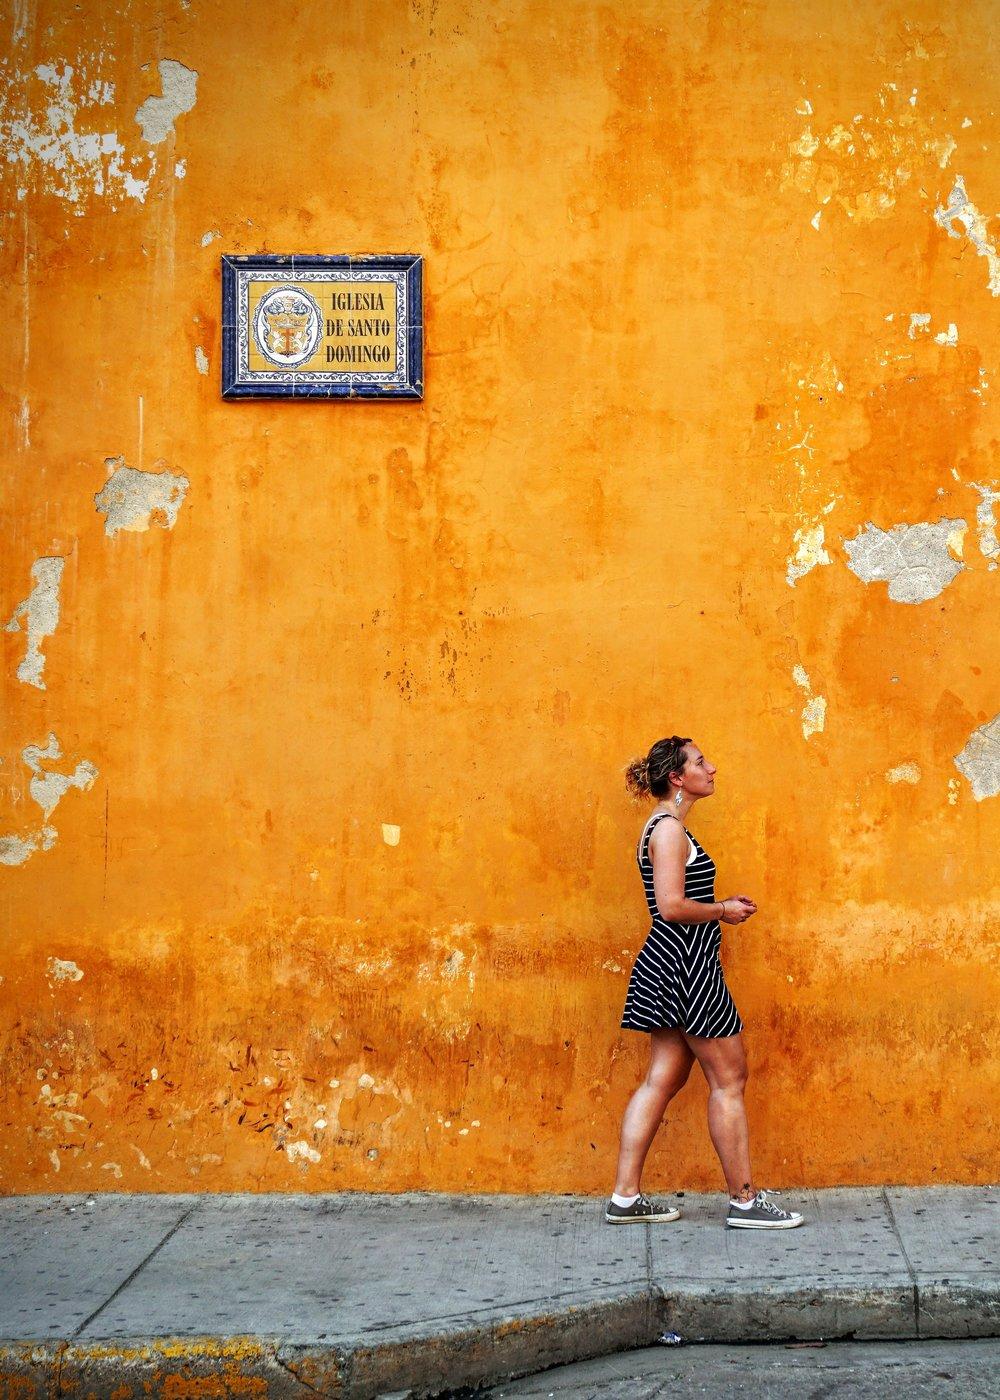 Cartagena, Colombia - Si buscas ahorros, cultura y gastronomía, Cartagena en Colombia es la respuesta. Aquí puedes llegar con boletos aéreos muy económicos. Tampoco sufrirás del frío de otras ciudades como Bogotá o Medellín. Disfrutar del caribe colombiano y su rica cultura mientras despide el año te regalará una de las mejores experiencia en la epoca navideña. Este destino es uno de los más económicos que podrás conseguir para despedir el año.